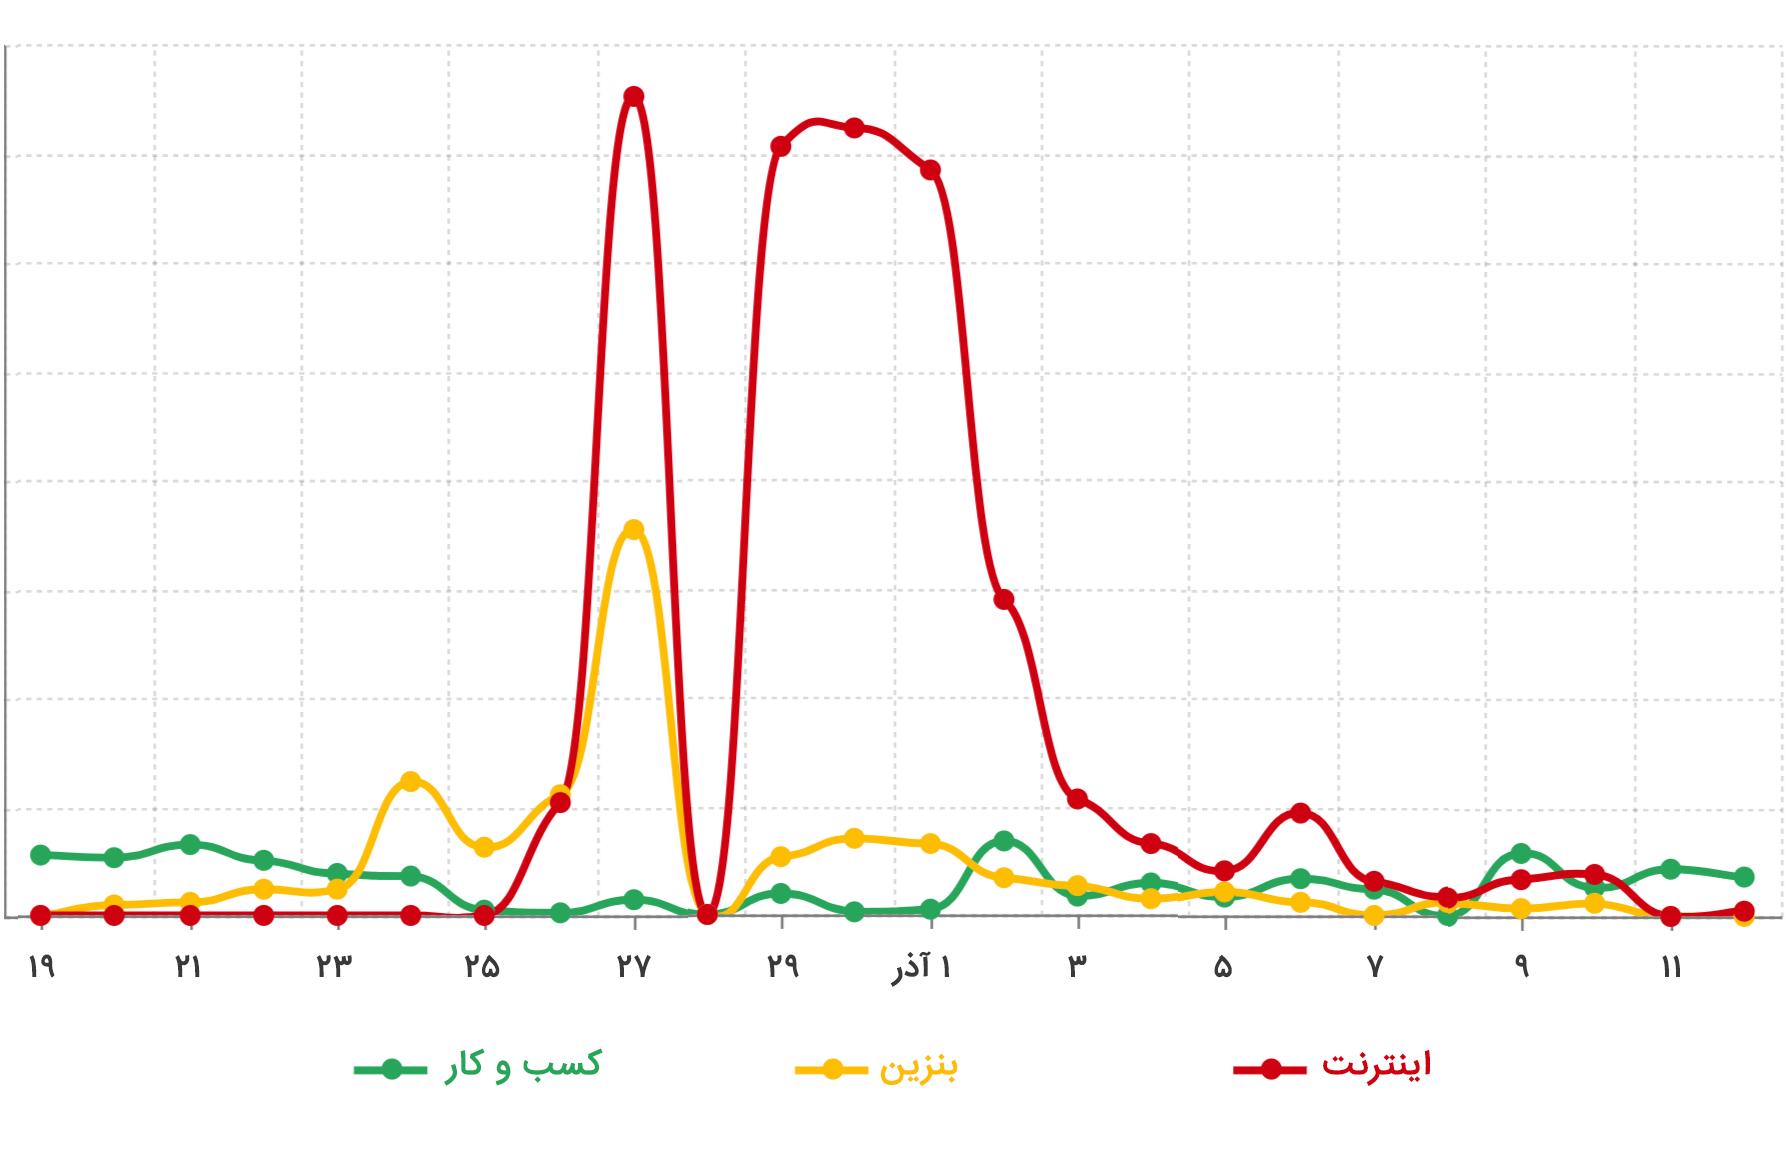 نمودار تعاملات ویرگول در طول قطعی اینترنت